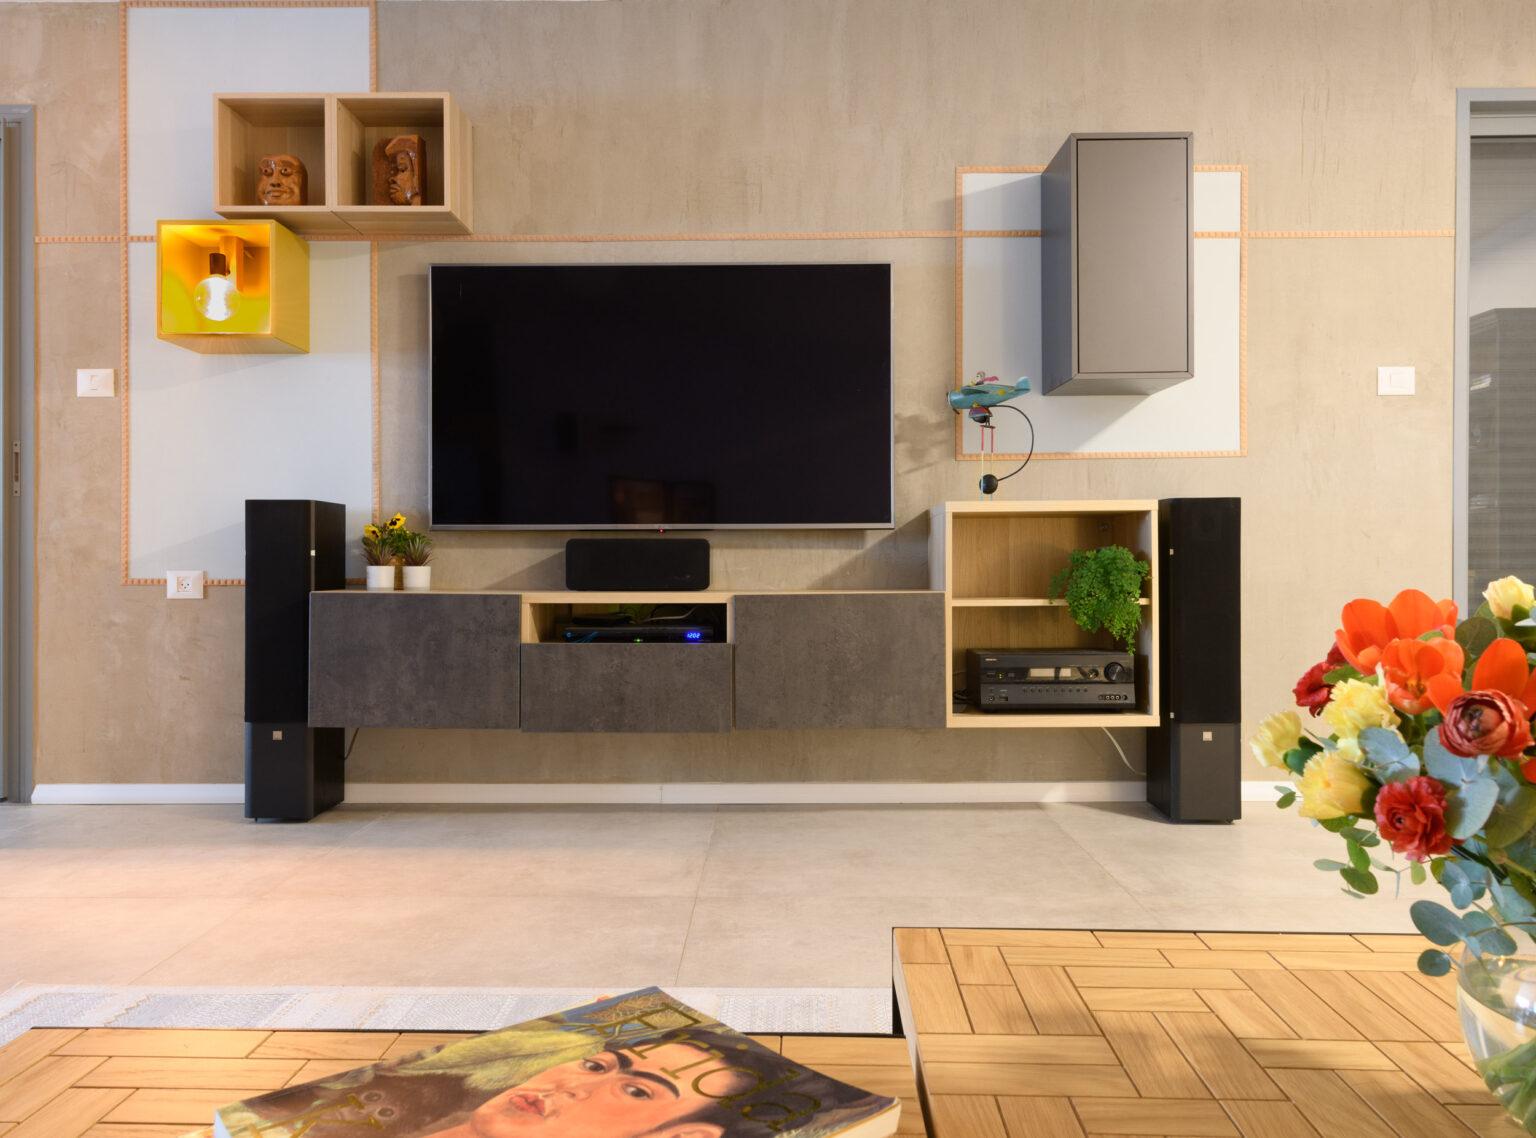 שיפוץ דירה בחולון - פינת טלוויזיה